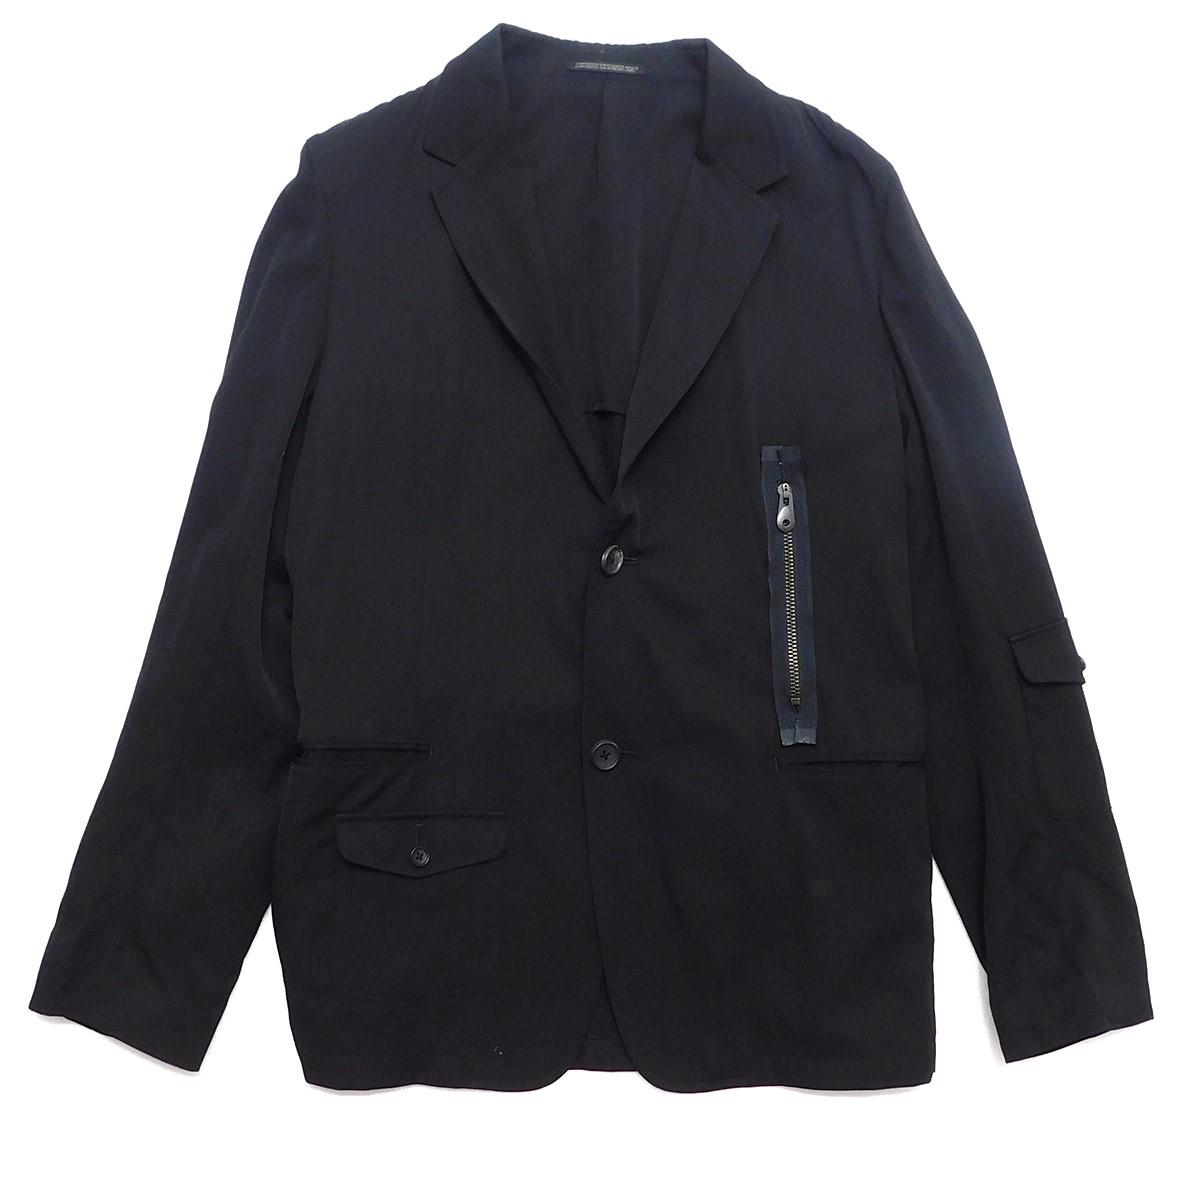 【中古】YOHJI YAMAMOTO pour homme 2017SS ウールギャバジンマルチポケットジャケット ブラック サイズ:3 【270320】(ヨウジヤマモトプールオム)